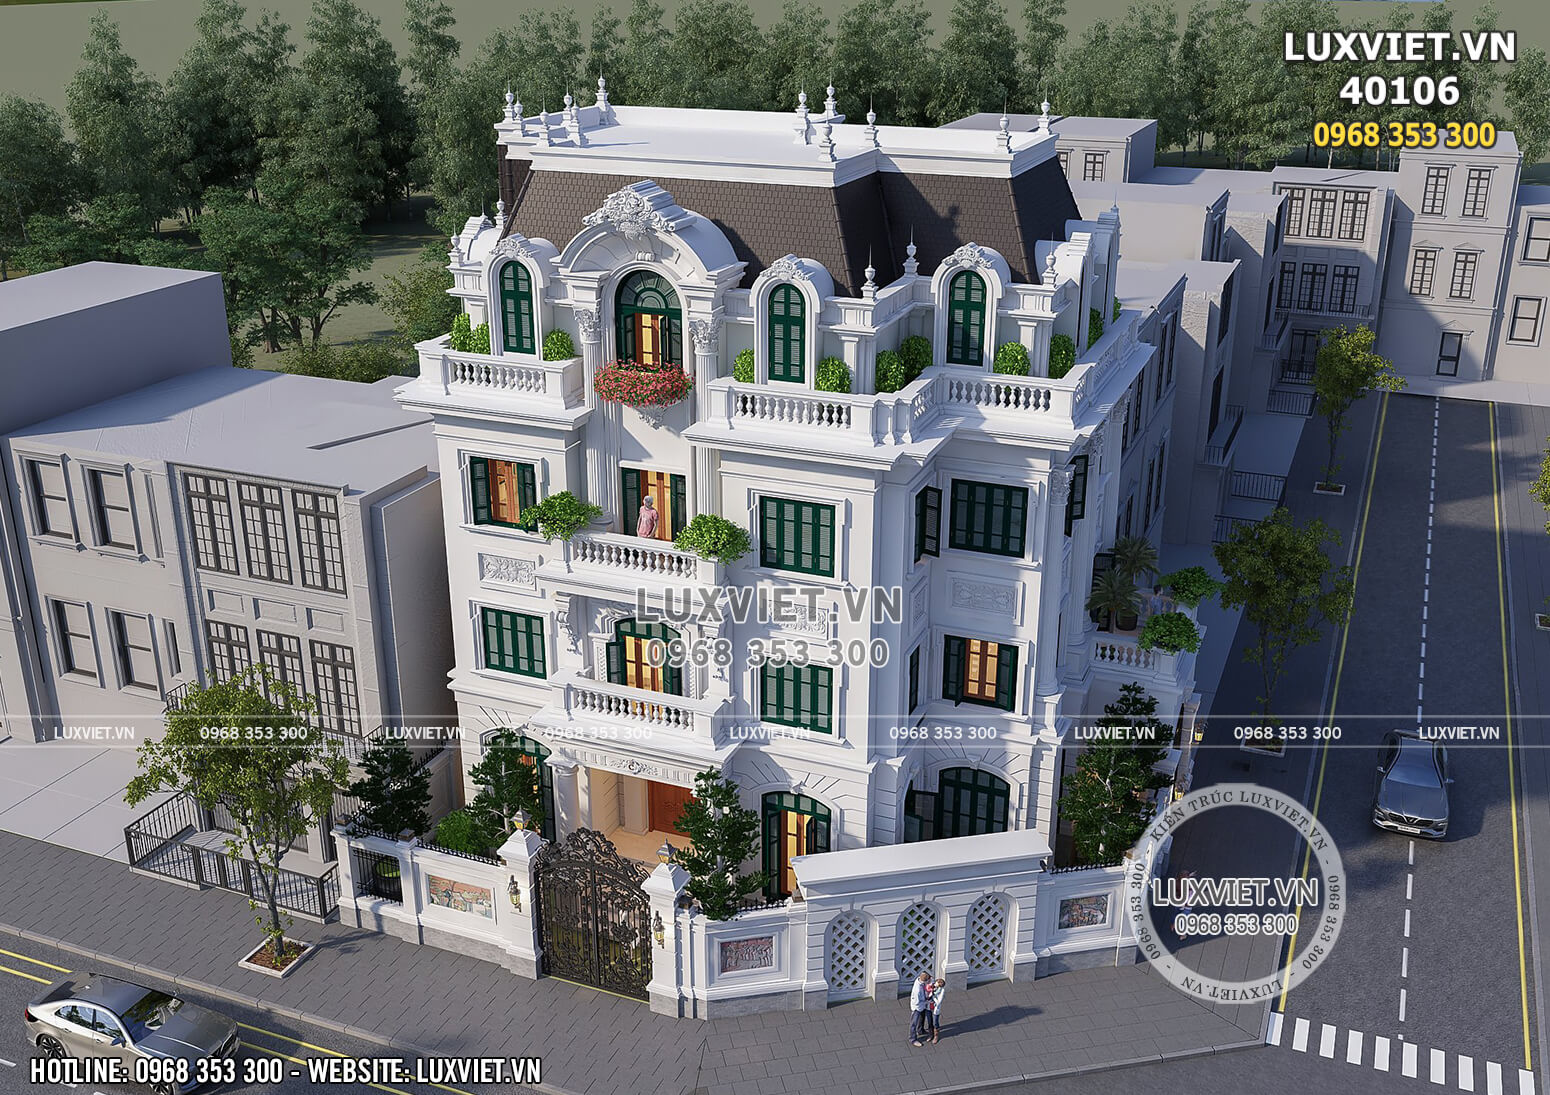 Toàn cảnh mẫu thiết kế biệt thự tân cổ điển 4 tầng kiêu sa, lộng lẫy giữa lòng Hà Nội